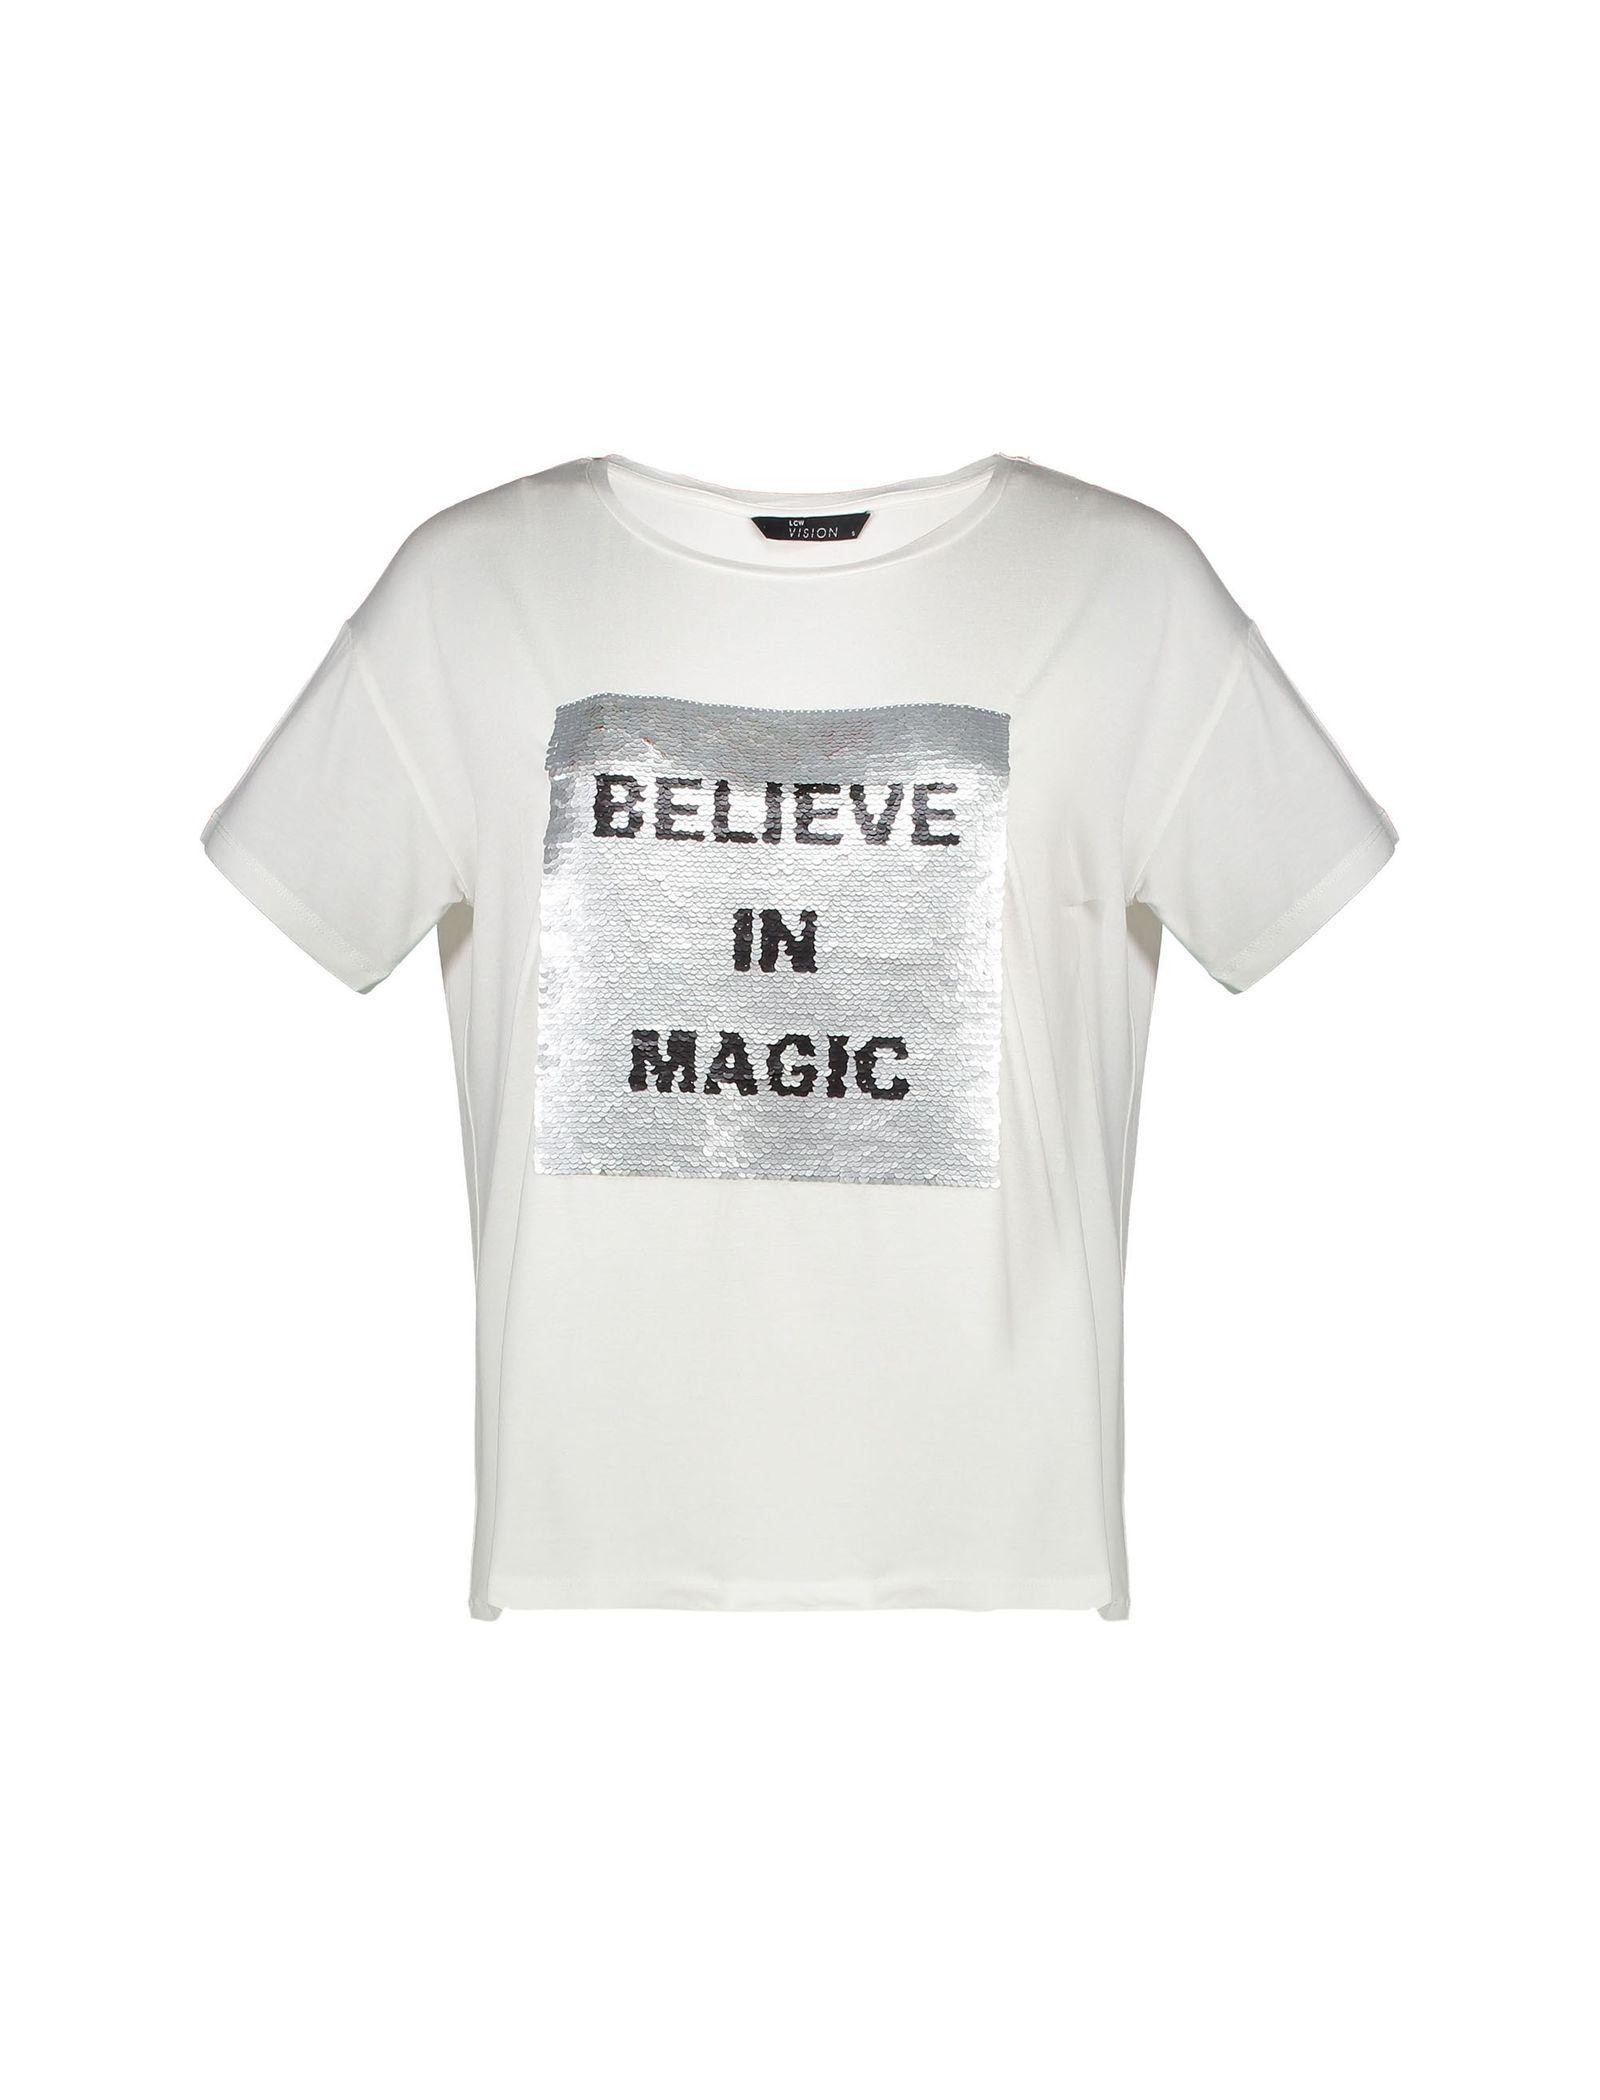 تی شرت ویسکوز یقه گرد زنانه - ال سی وایکیکی - سفيد - 3